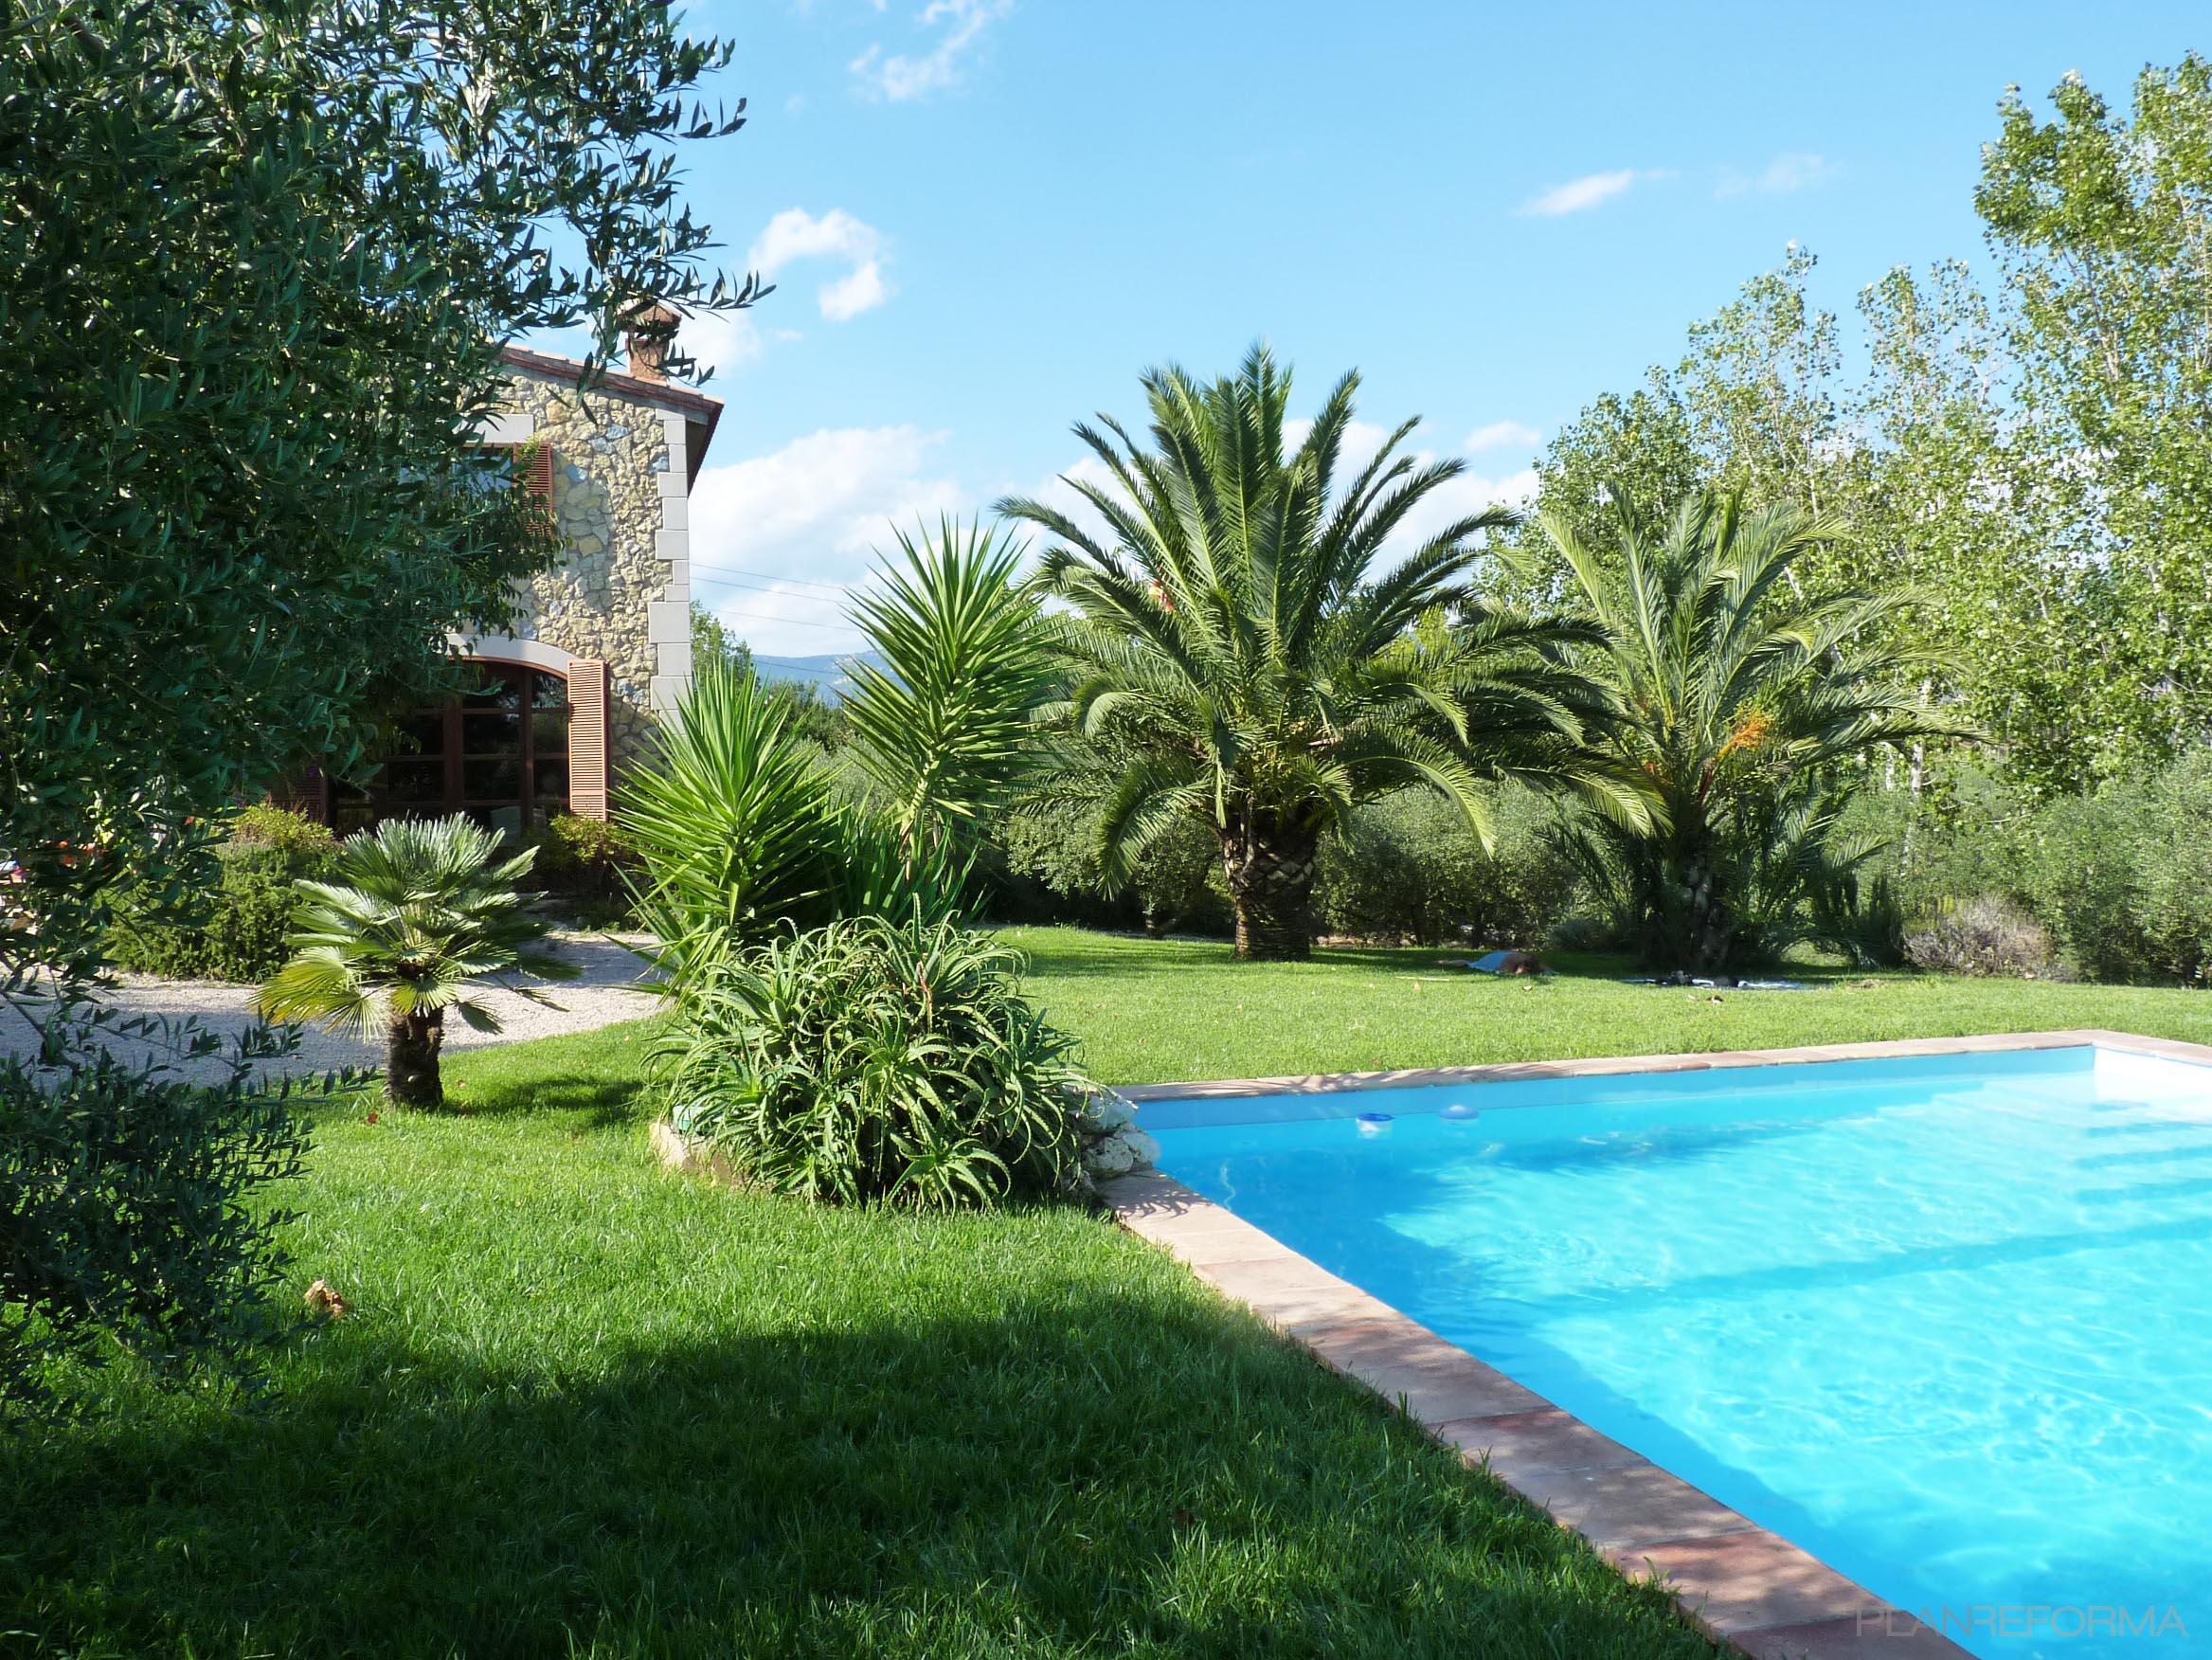 Piscina exterior jardin estilo mediterraneo color verde - Jardines con estilo ...